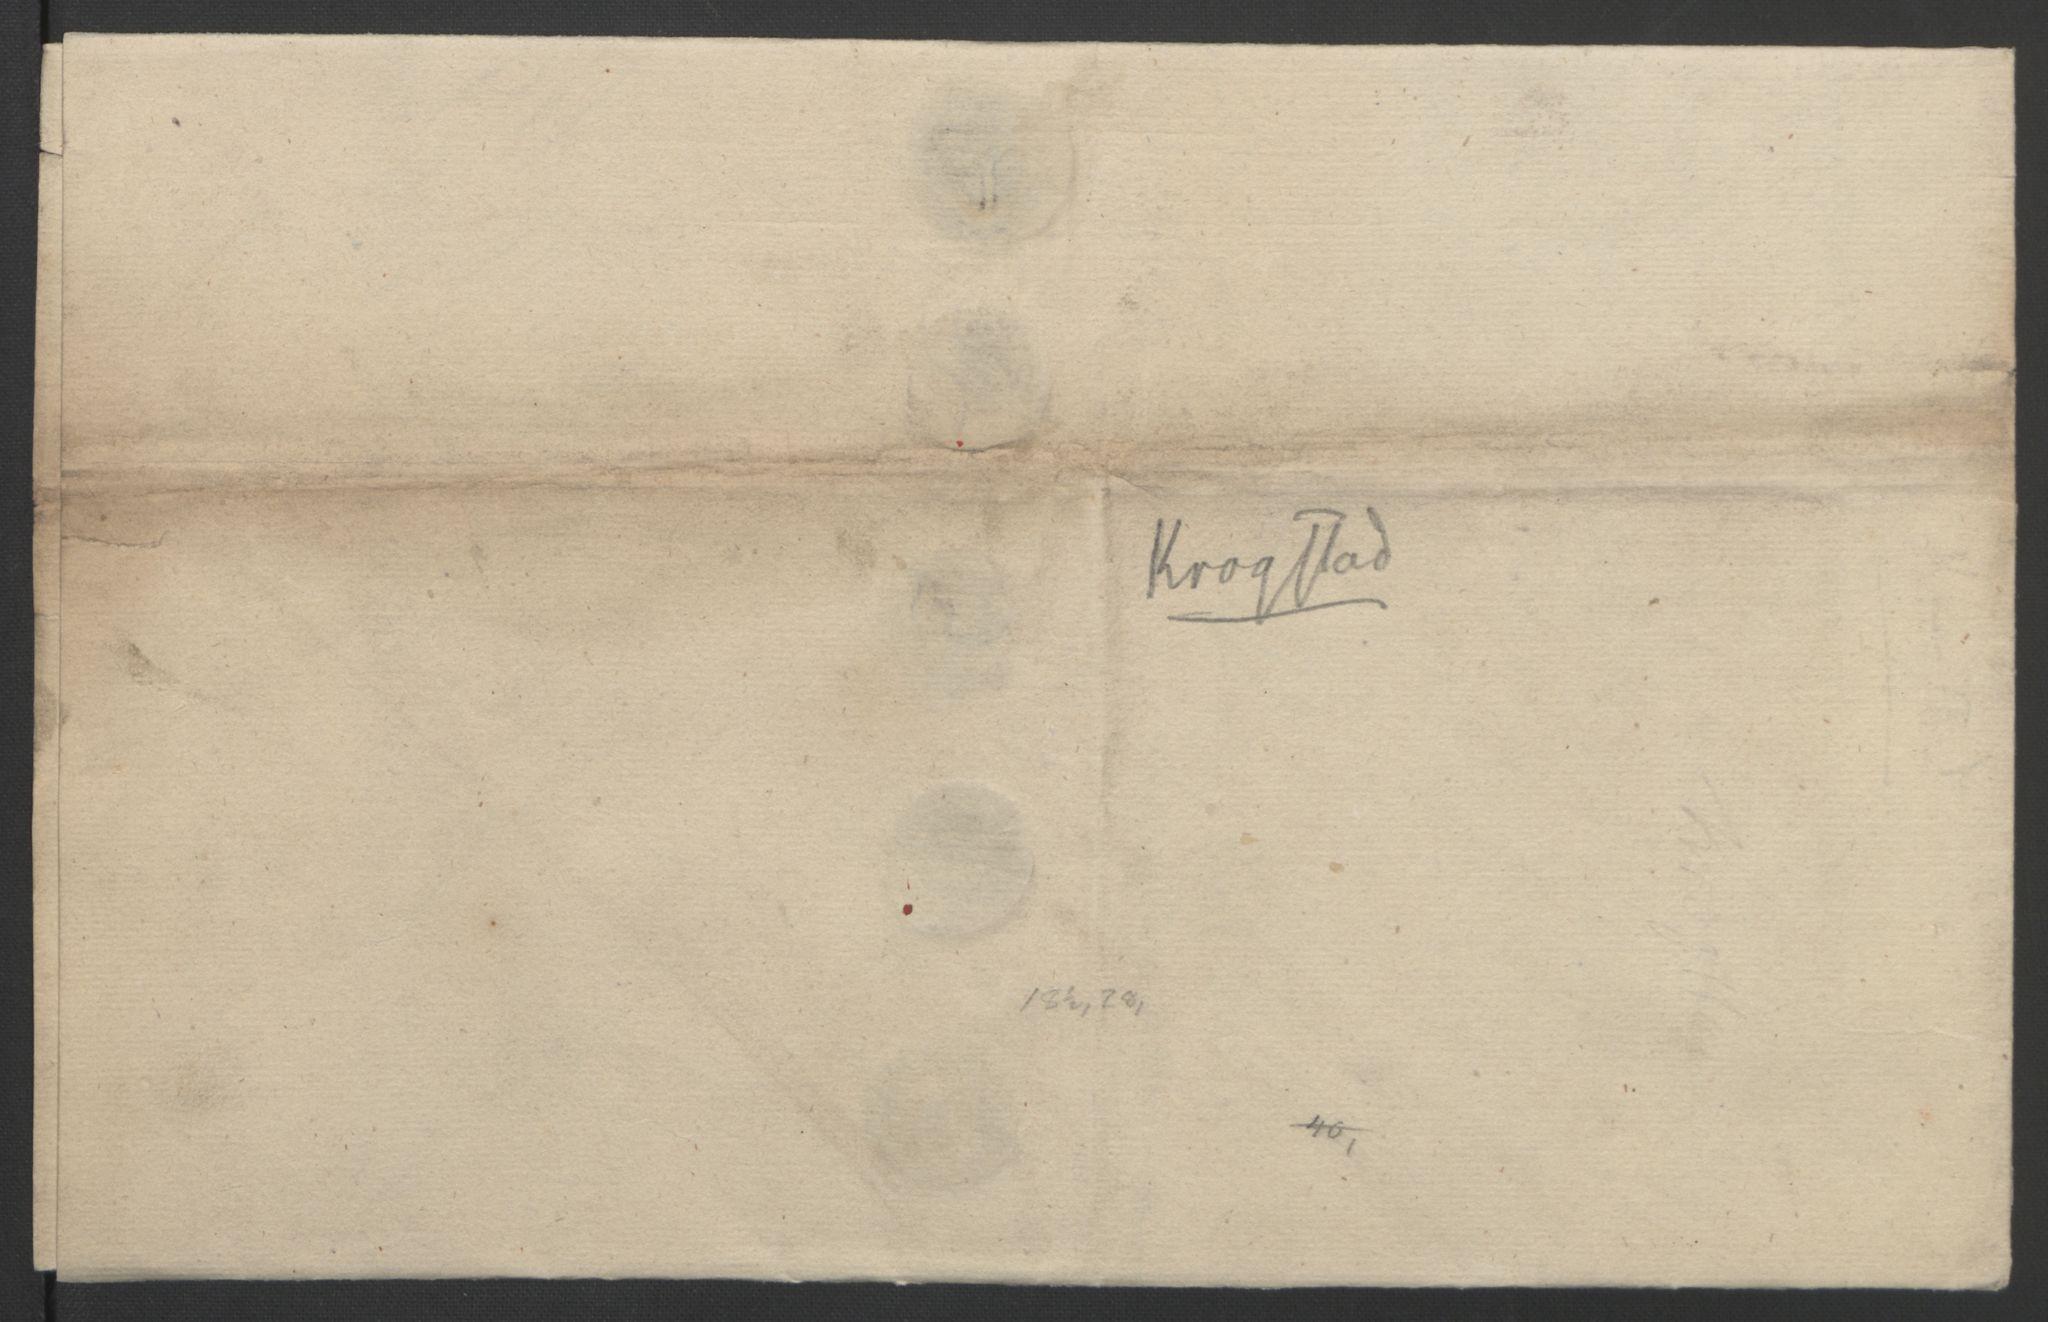 RA, Statsrådssekretariatet, D/Db/L0007: Fullmakter for Eidsvollsrepresentantene i 1814. , 1814, s. 190